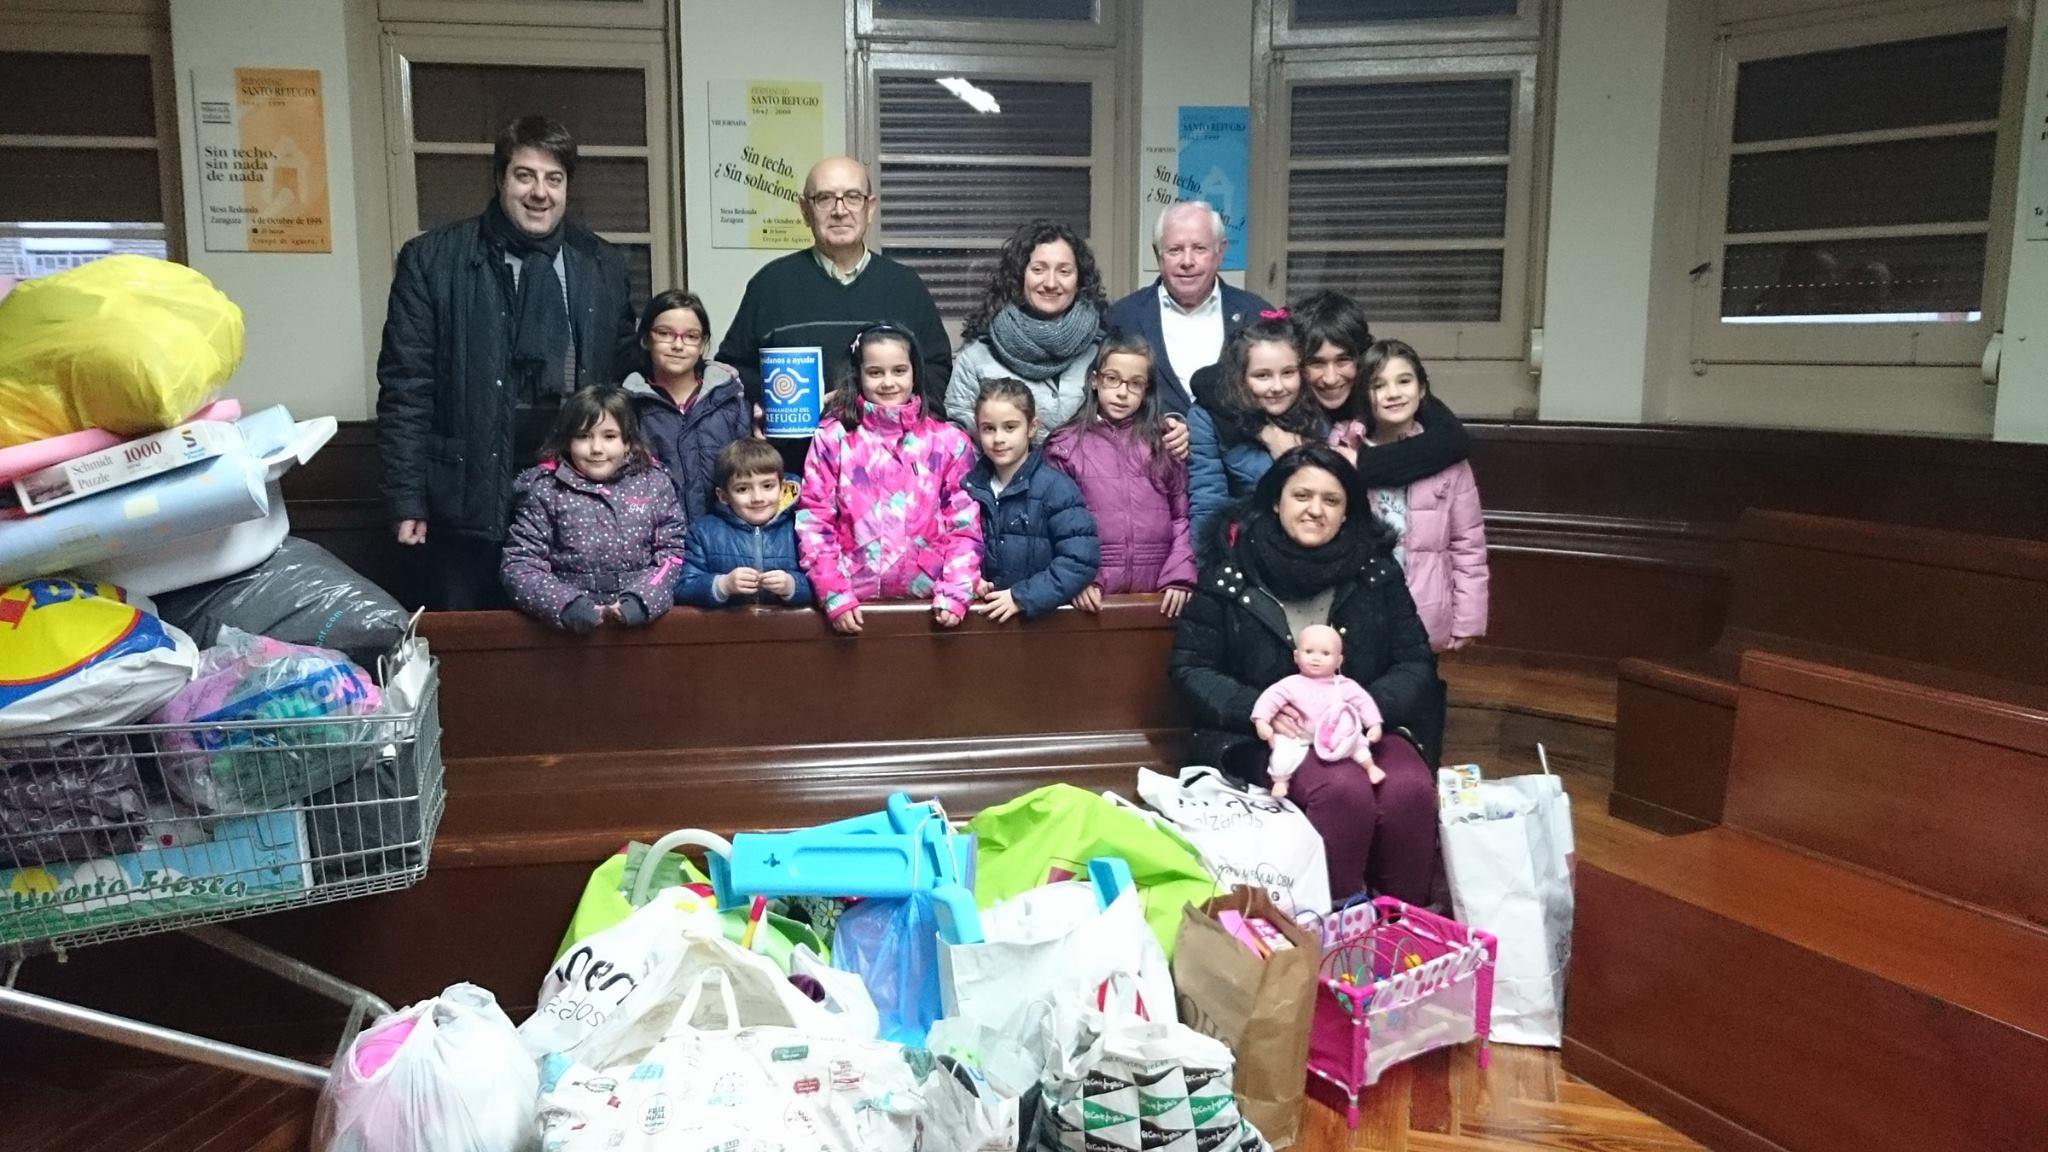 Los niños junto a los juguetes donados, en El Refugio.